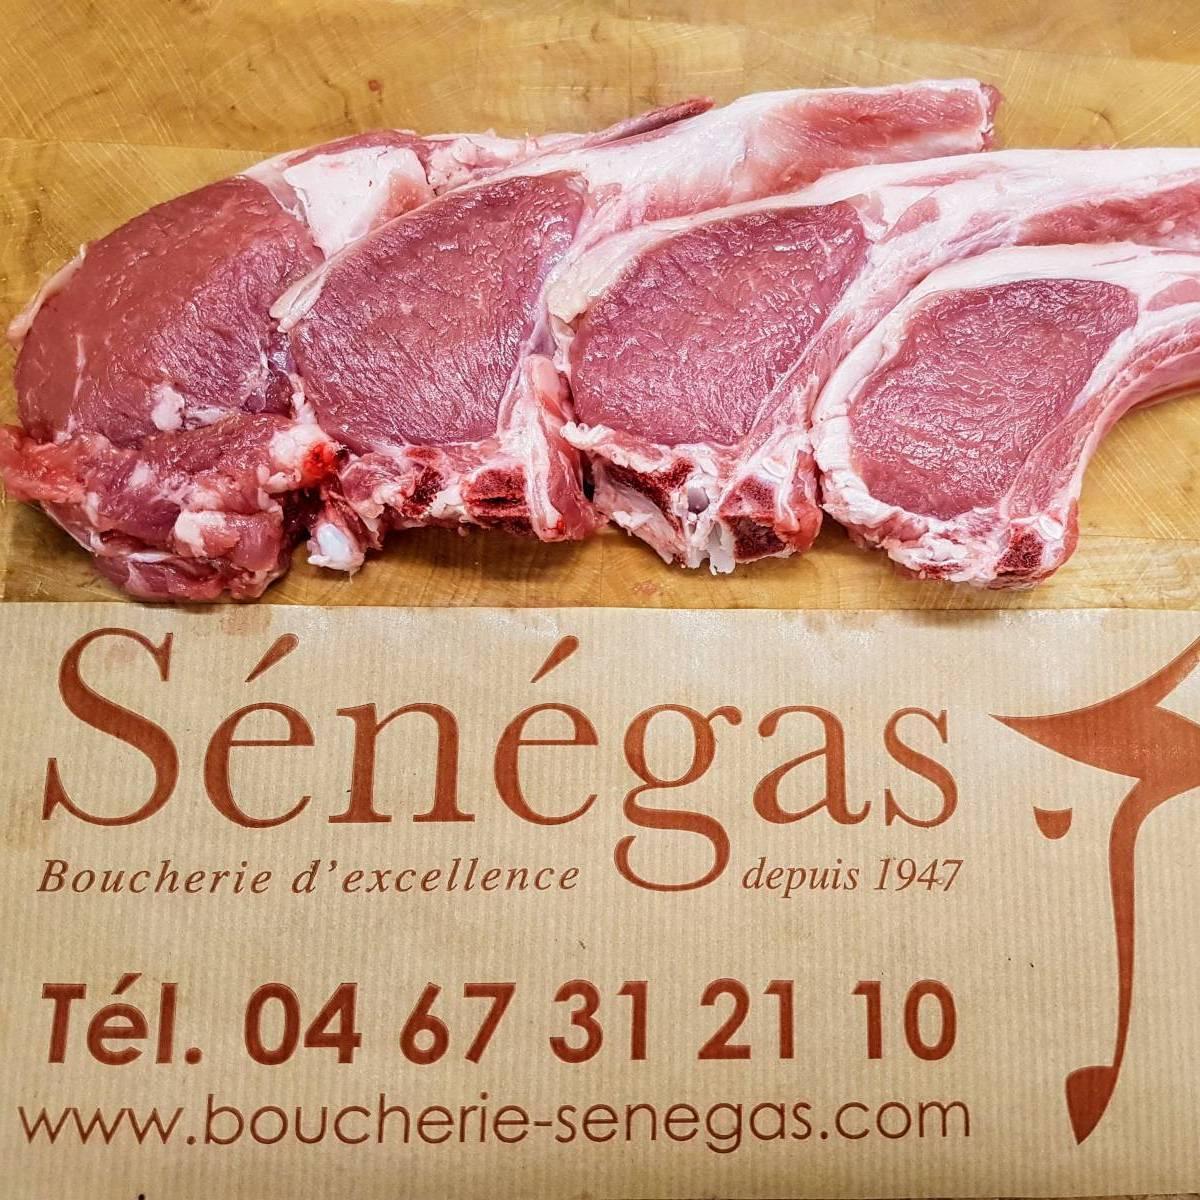 boucherie-senegas-cotes-premiere-seconde-agneau-1